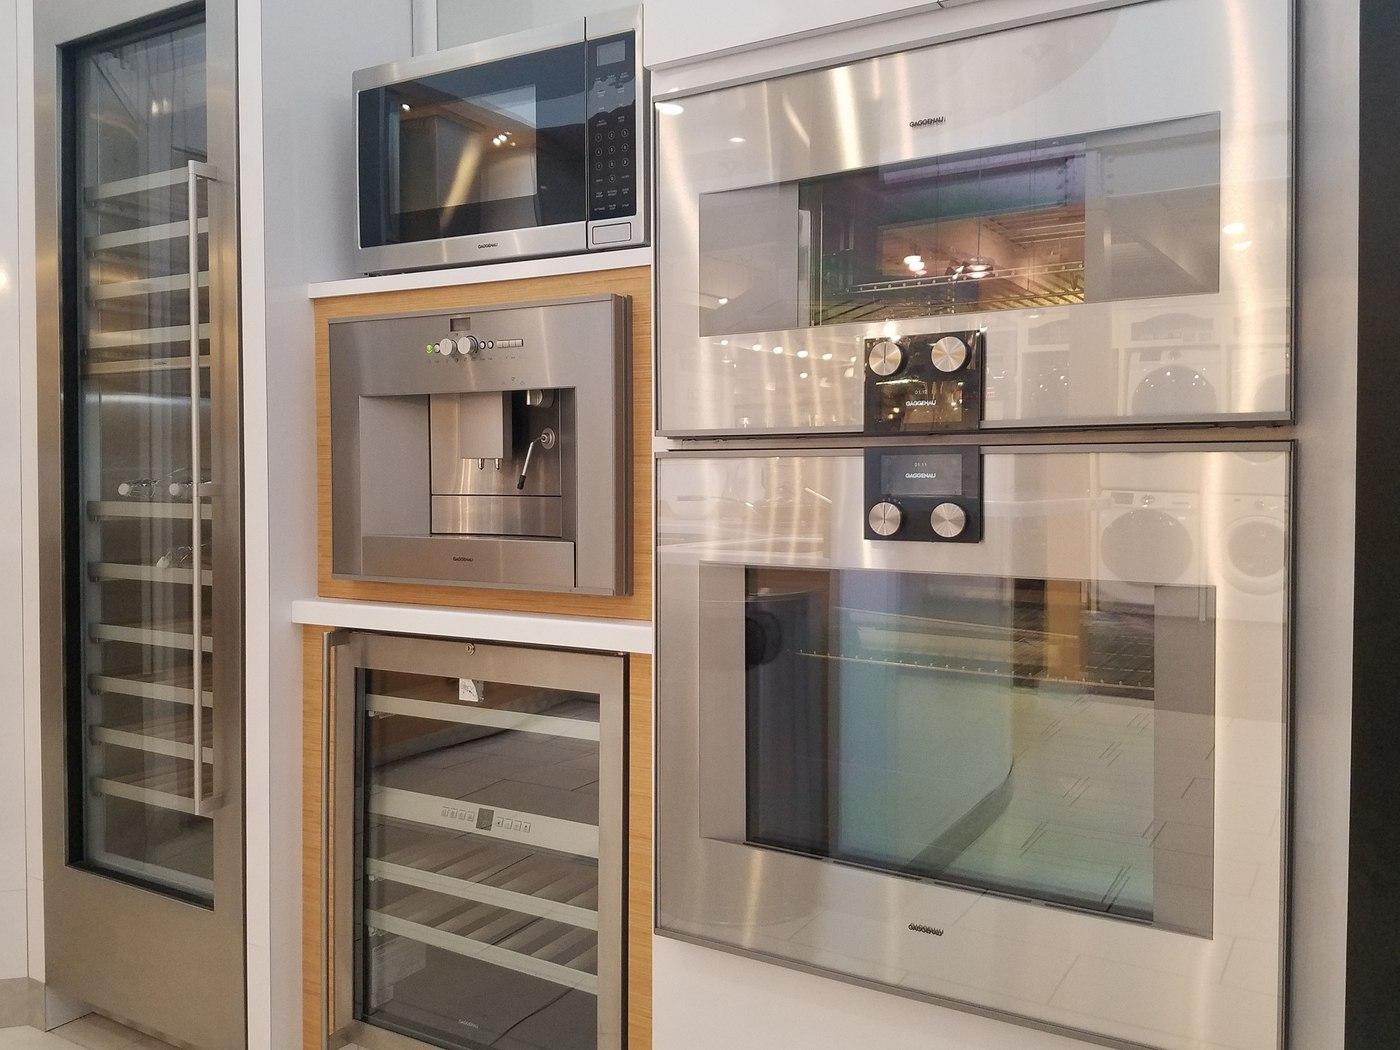 Good Gaggenau Wall Ovens